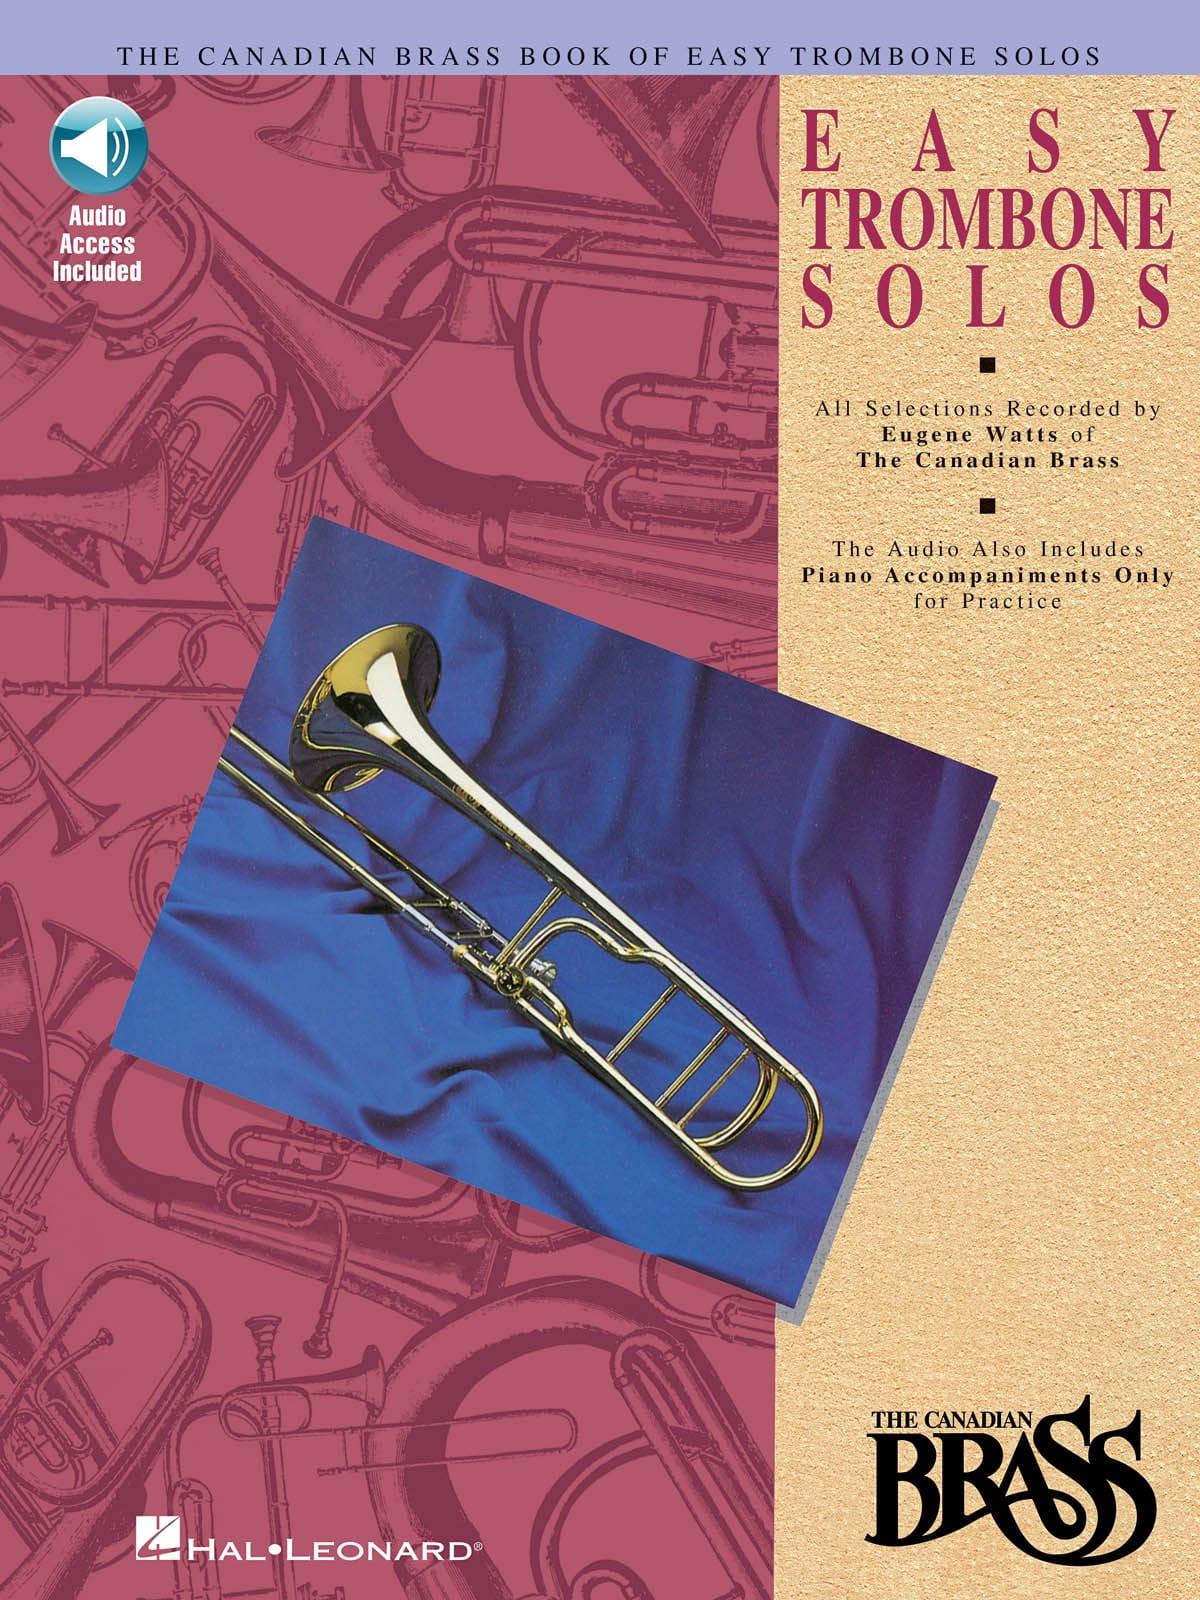 Easy Trombone Solos - Partition - Trombone - laflutedepan.com